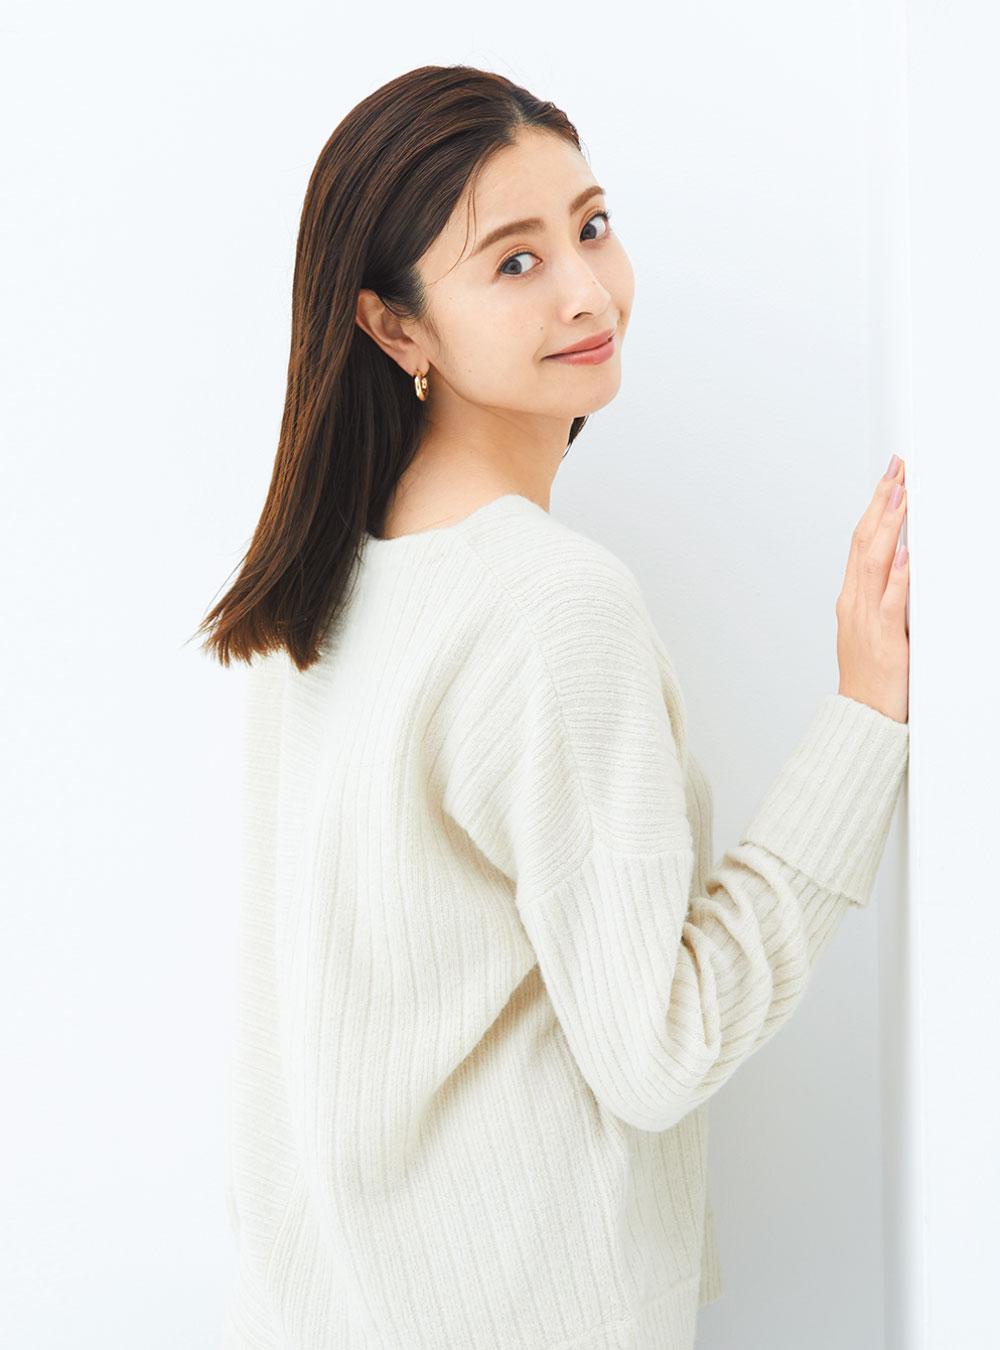 片瀬那奈さんイメージ